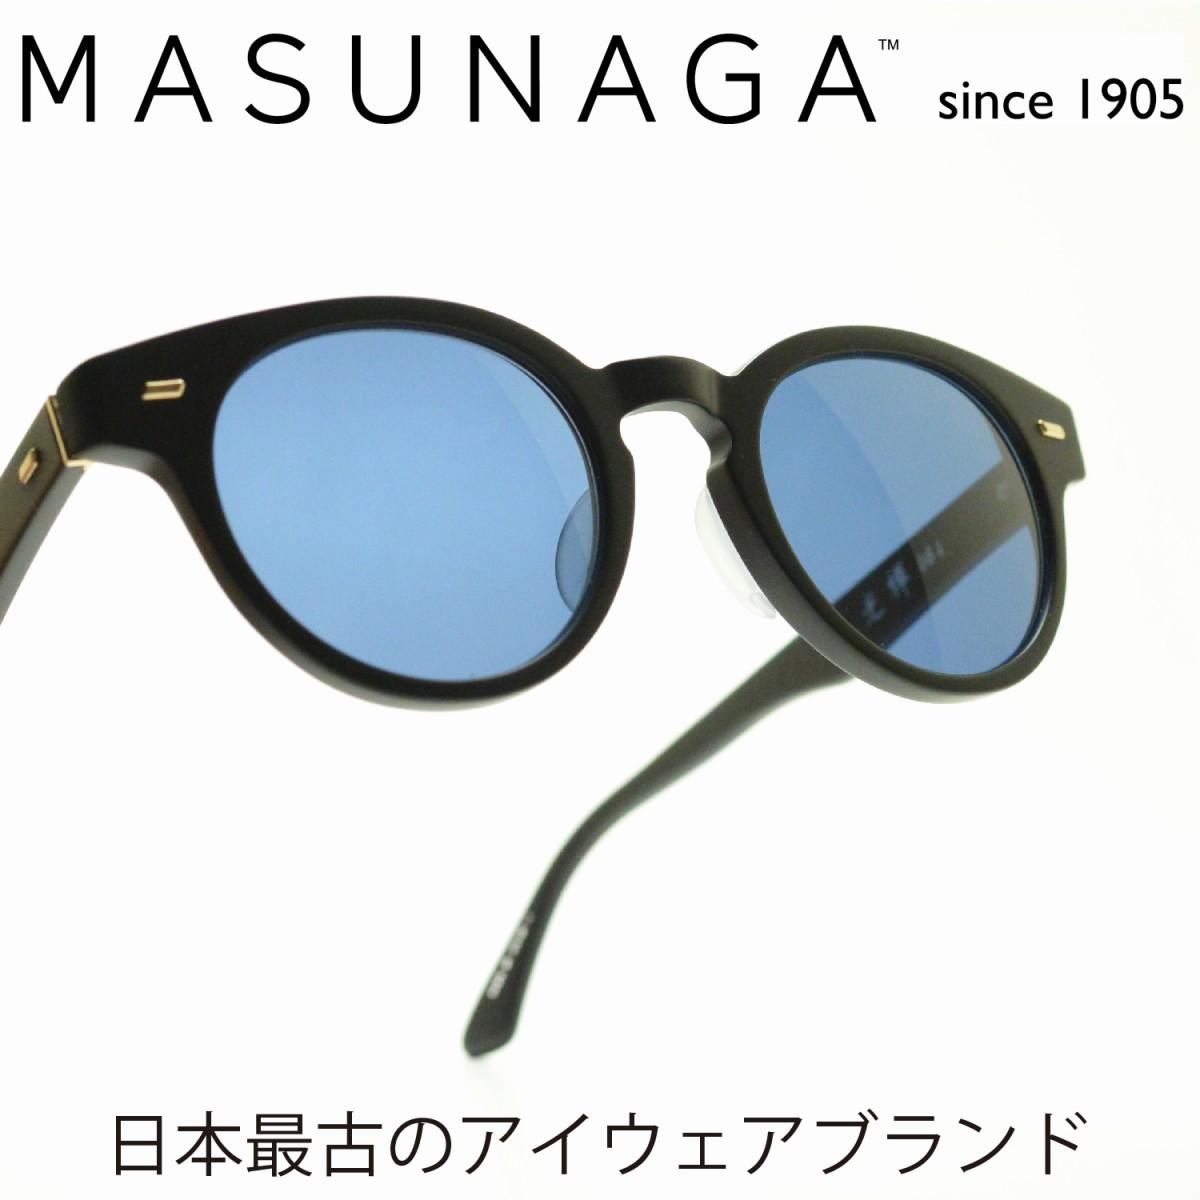 増永眼鏡 MASUNAGA 光輝 064 col-19 サングラス BLACK MATメガネ 眼鏡 めがね メンズ レディース おしゃれ ブランド 人気 おすすめ フレーム 流行り 度付き レンズ